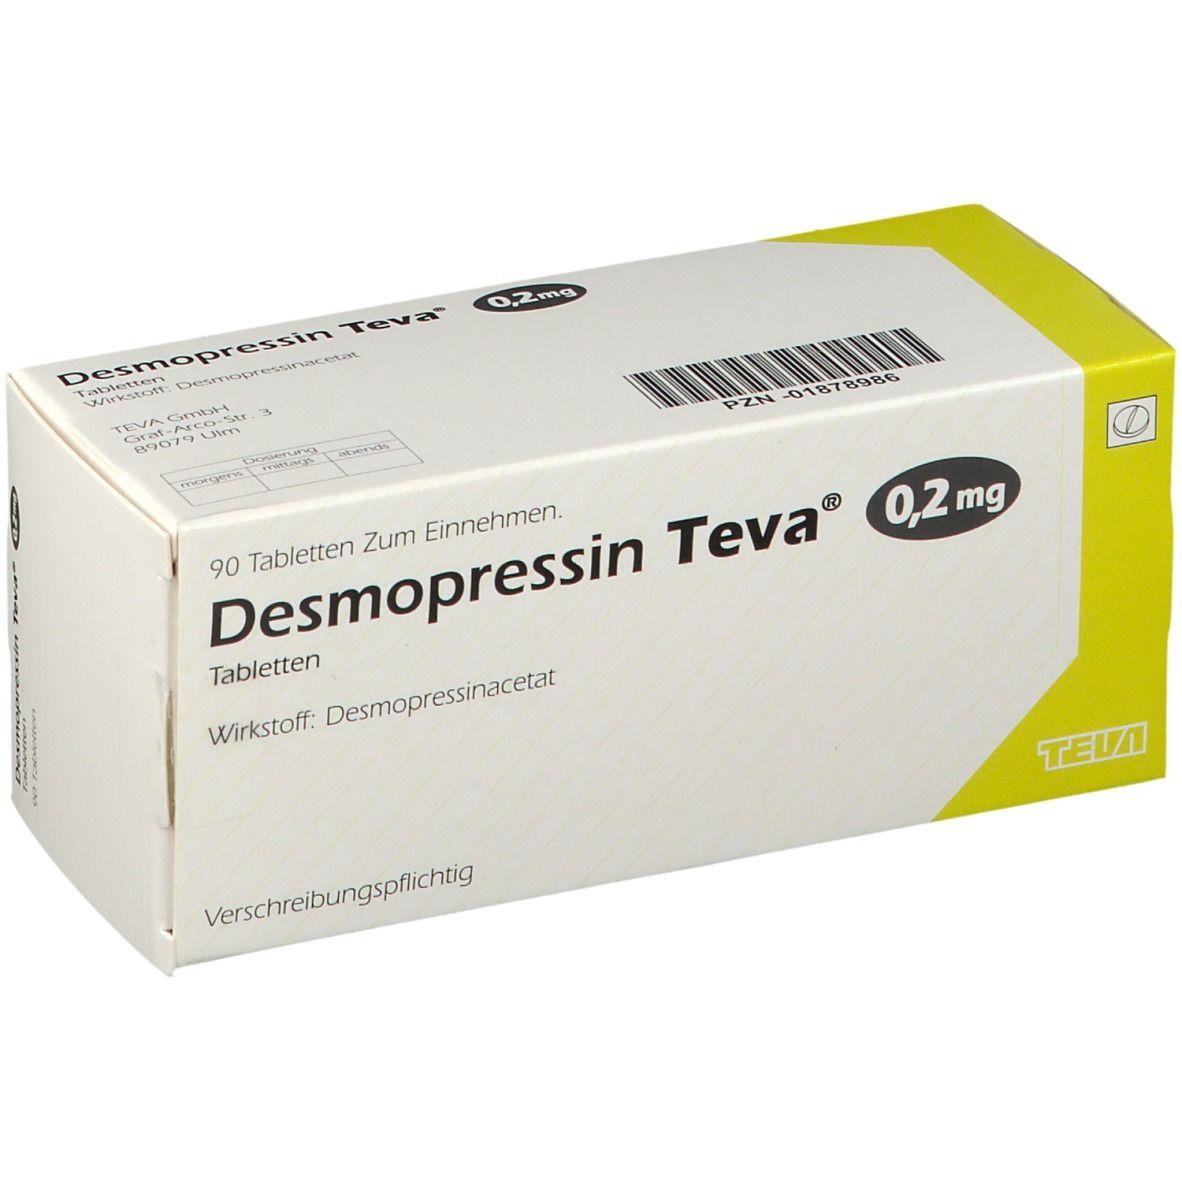 DESMOPRESSIN Teva 02 mg Tabletten 90 St - shop-apotheke.com